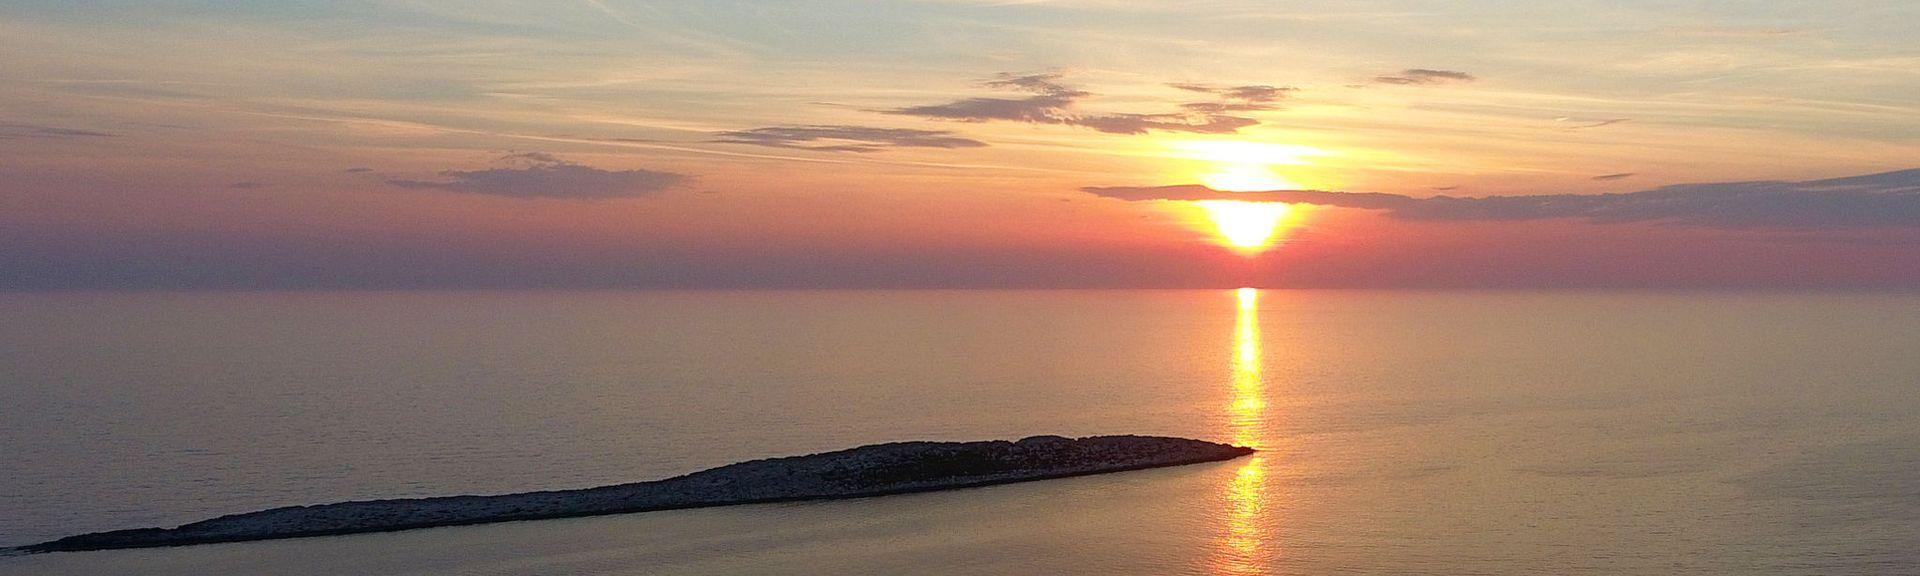 Insel Lošinj, Primorje-Gorski Kotar, Kroatien